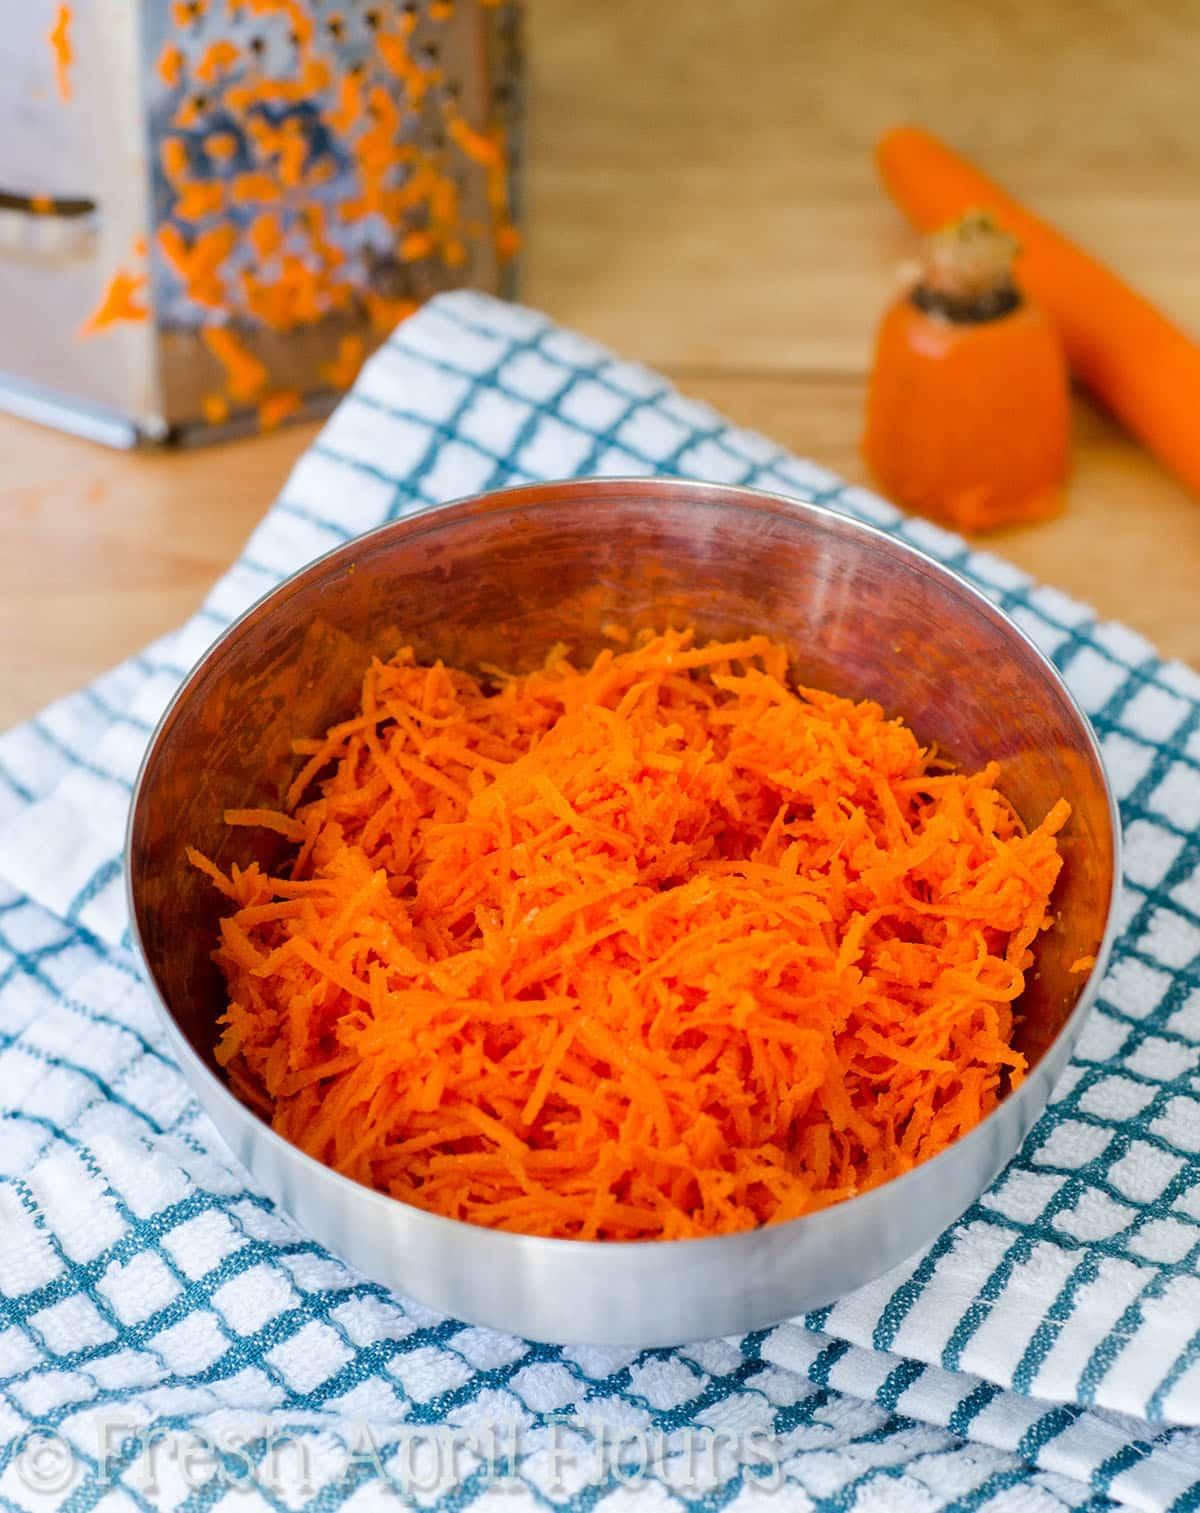 bowl of shredded carrots